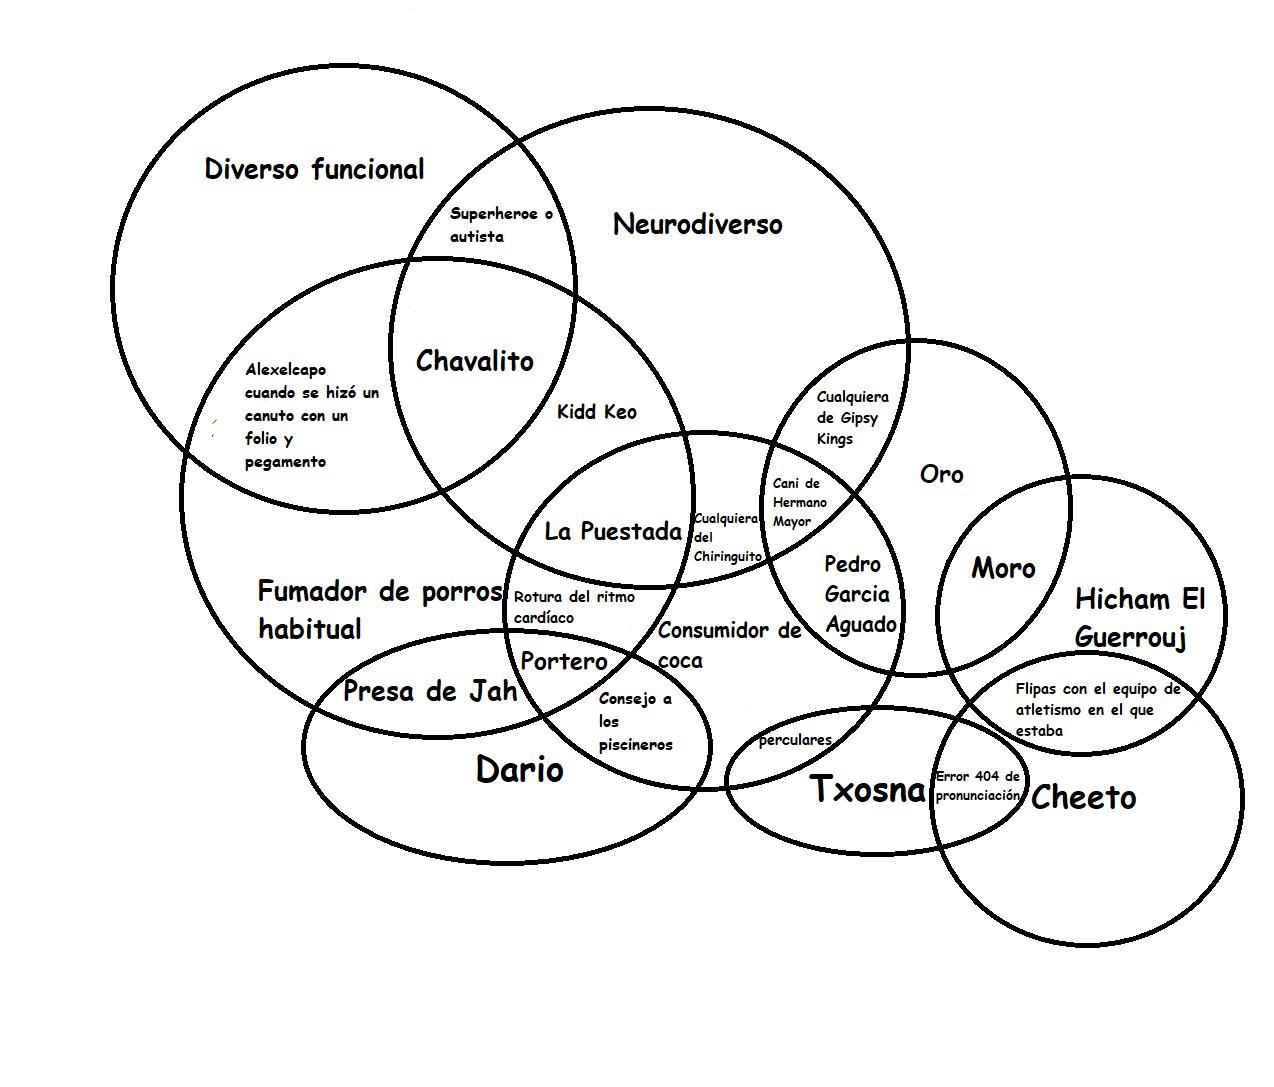 hight resolution of continuaci n del diagrama de venn de yointerneto v 0 1 4 87 123 el emo ese con cara de director porno de los 80